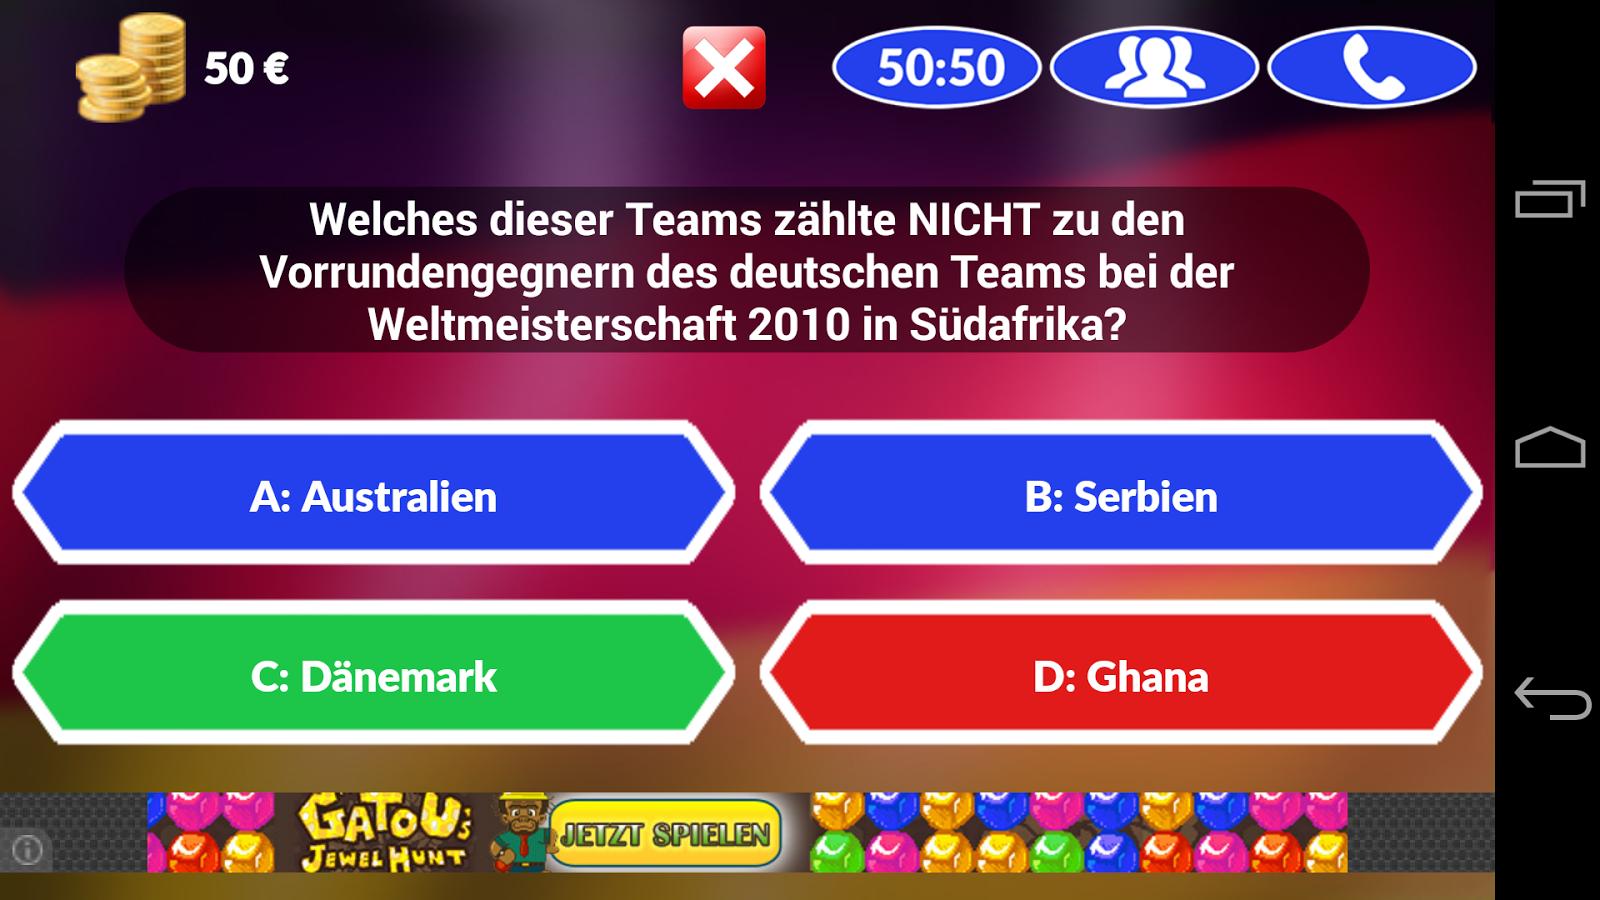 Fussball Quiz 2014 1 4 Apk Download Android Trivia Games